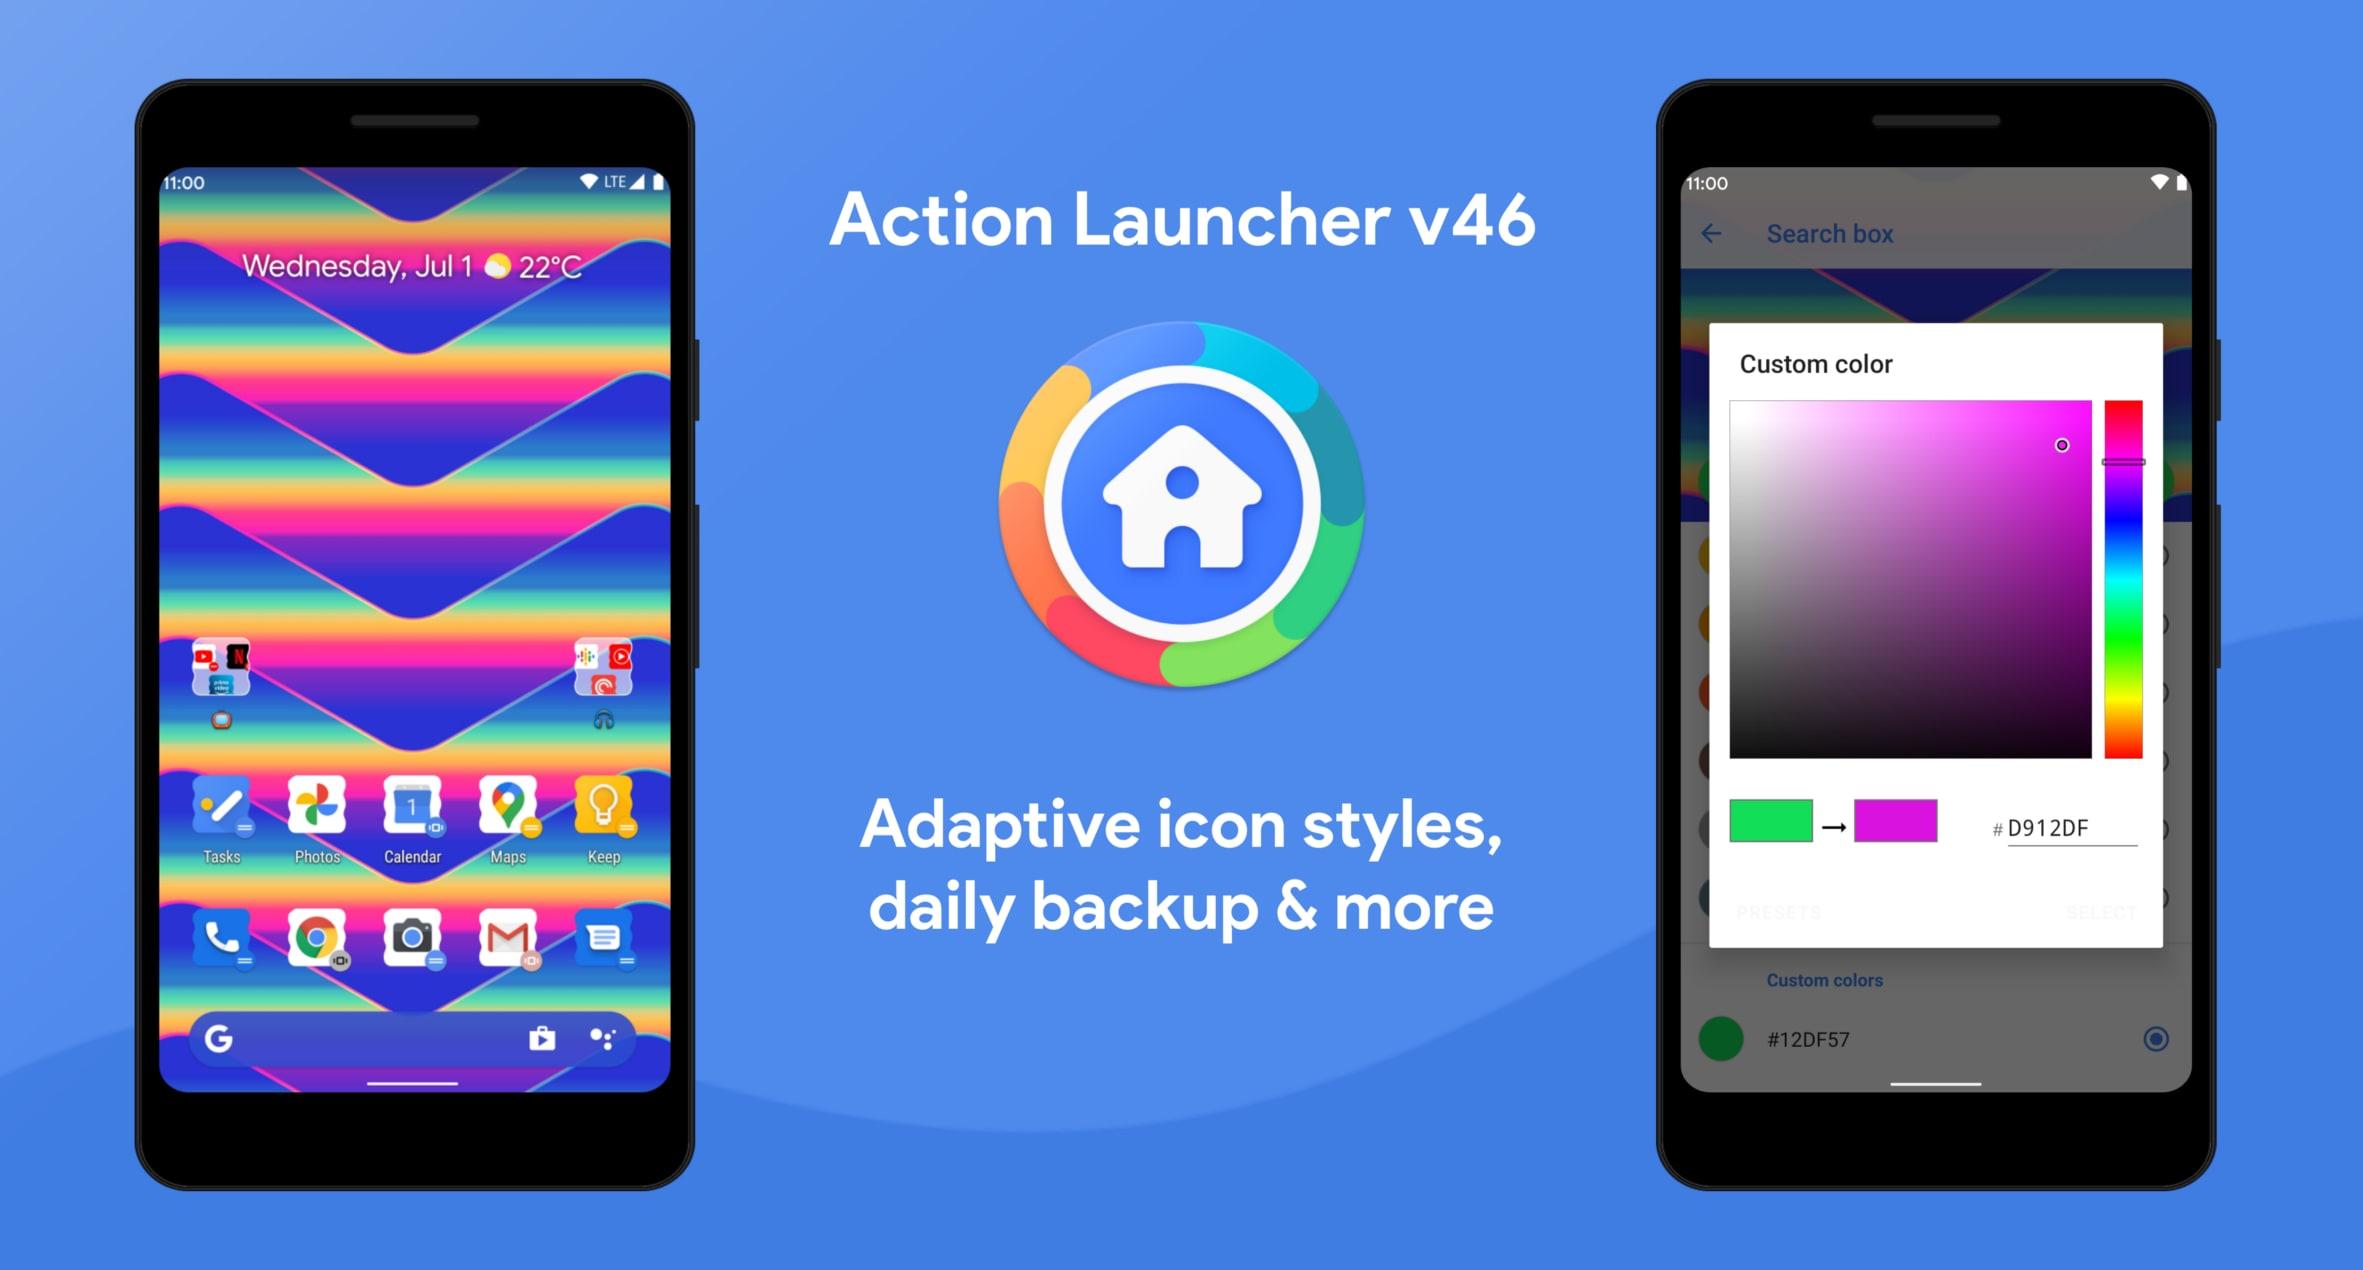 Belle novità per Action Launcher: nuovi stili di icone adattive, colori manuali per Quicktheme e altro ancora (foto)